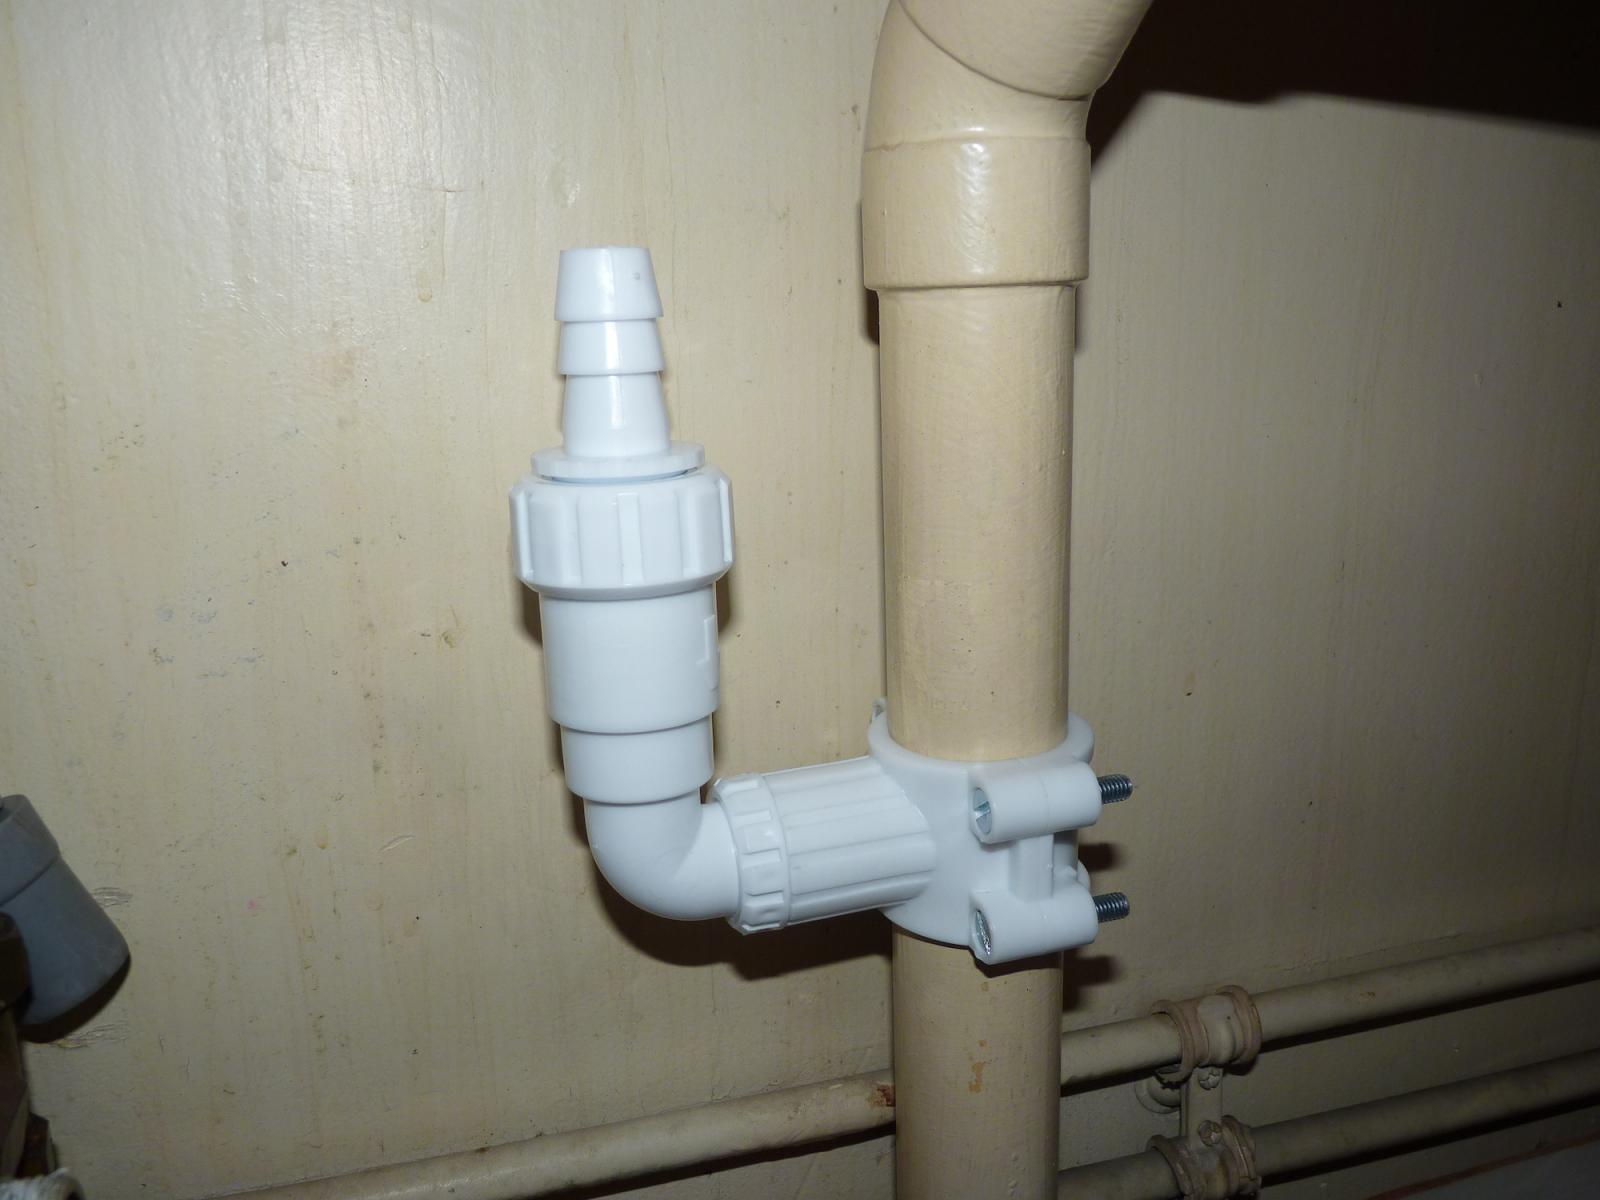 Dispositif auto foreur installation lave vaisselle - Evacuation lave vaisselle sur siphon evier ...